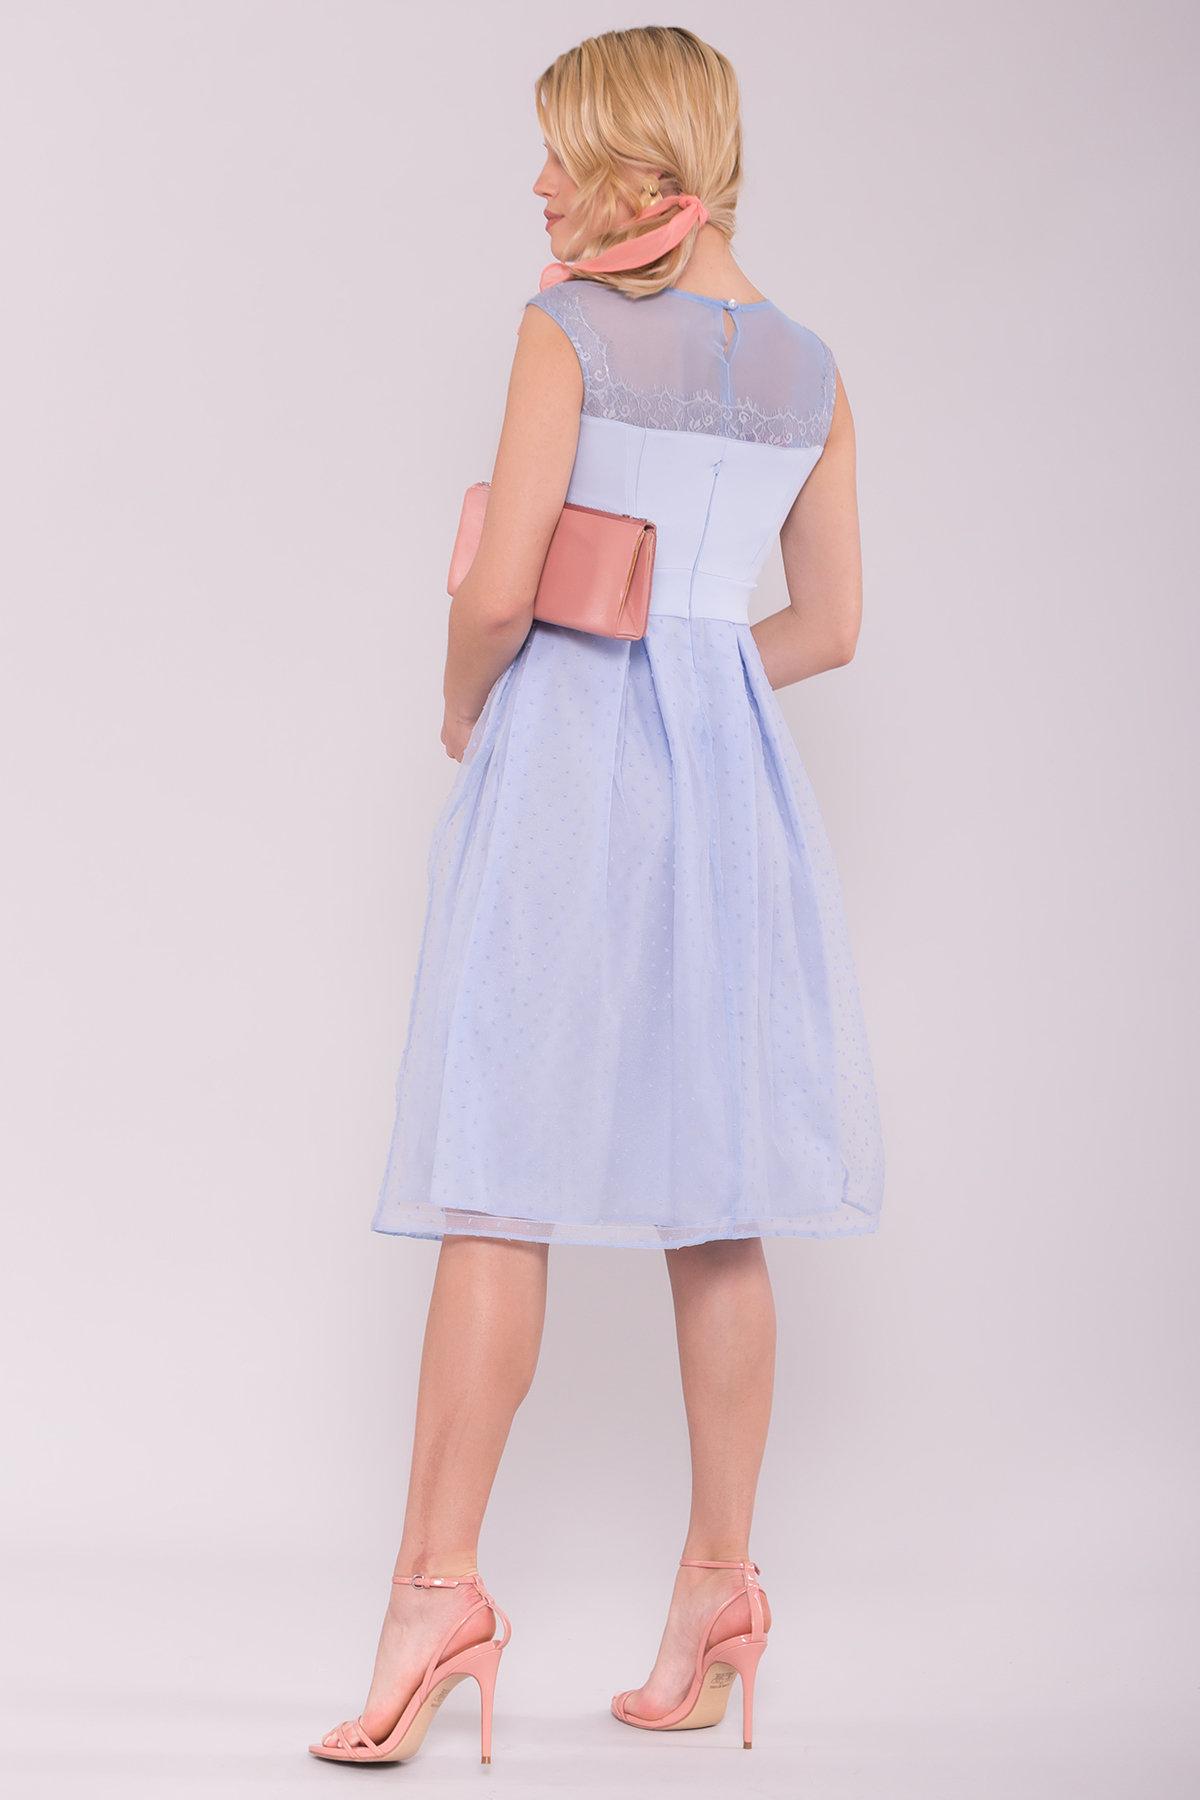 Платье Зарина 6989 АРТ. 42521 Цвет: Голубой 79 - фото 2, интернет магазин tm-modus.ru